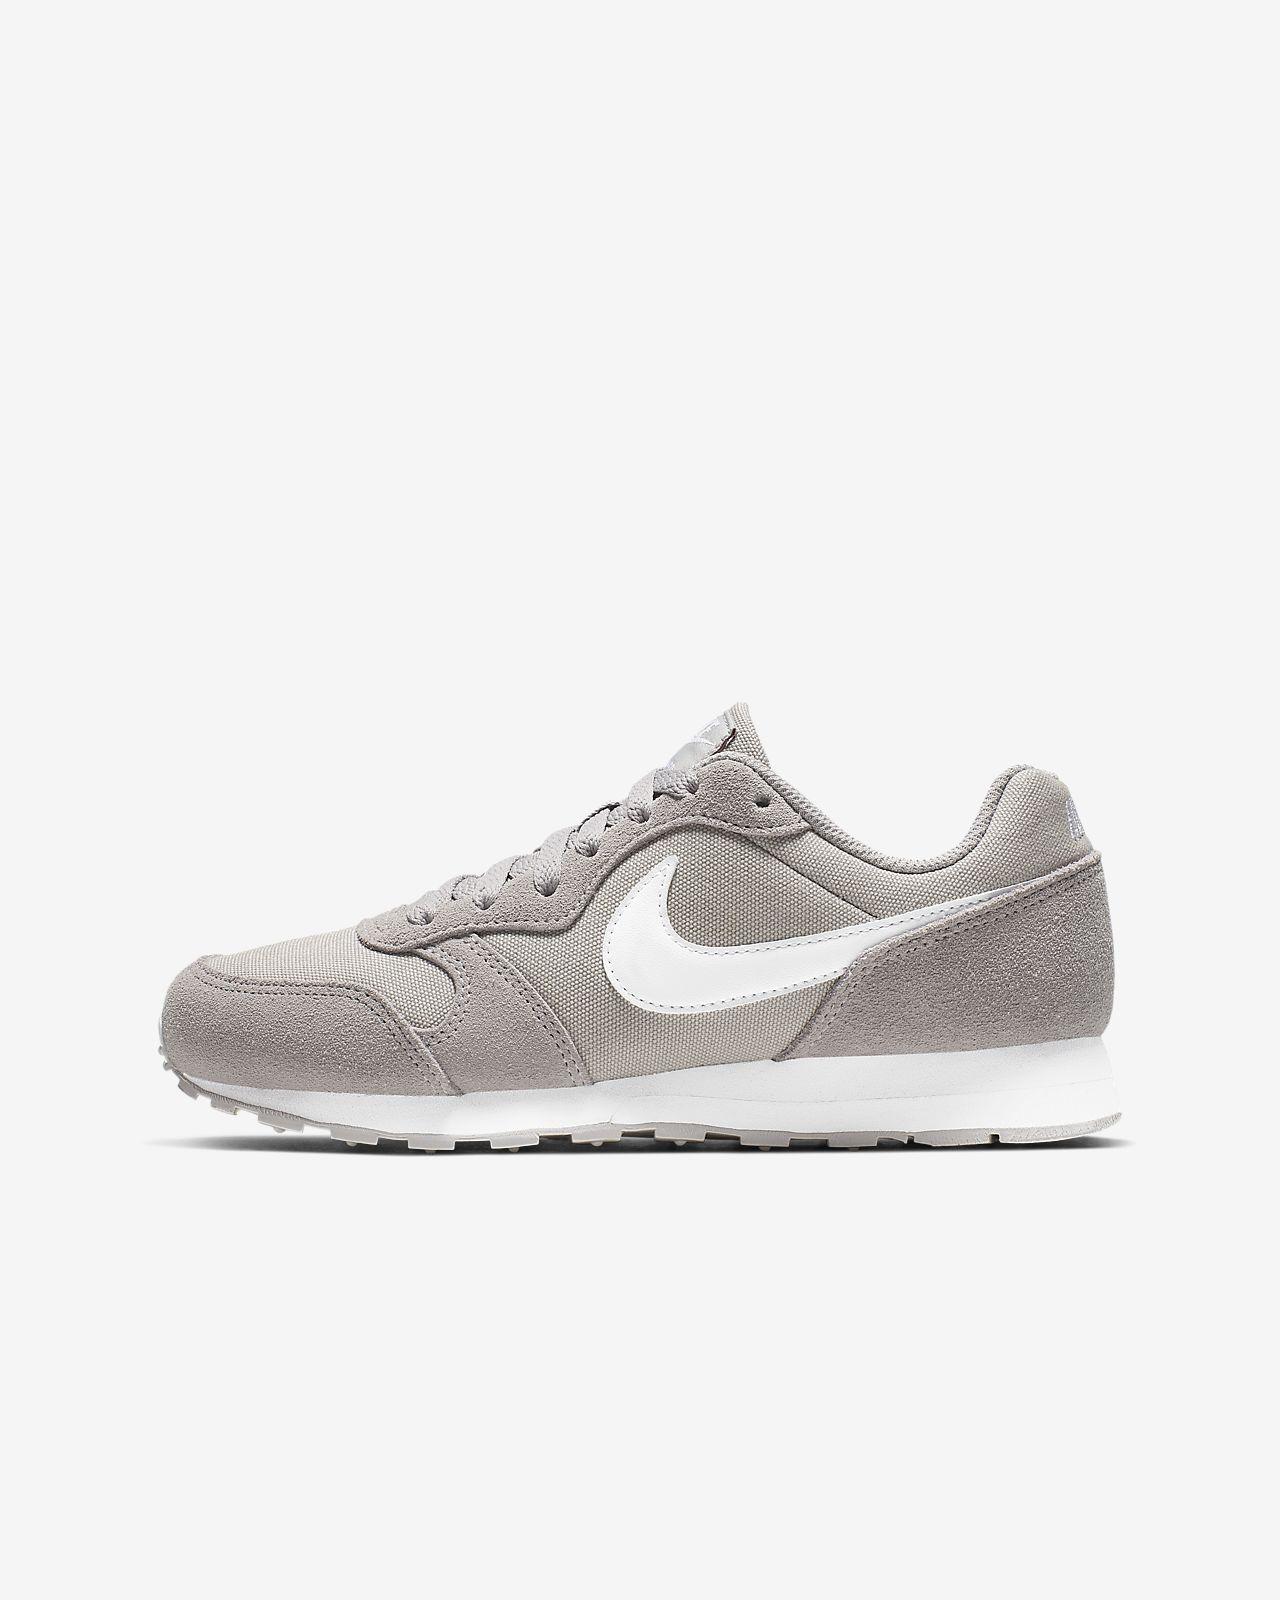 e5bee26259672 Calzado de running para niños talla grande Nike MD Runner 2 PE. Nike ...